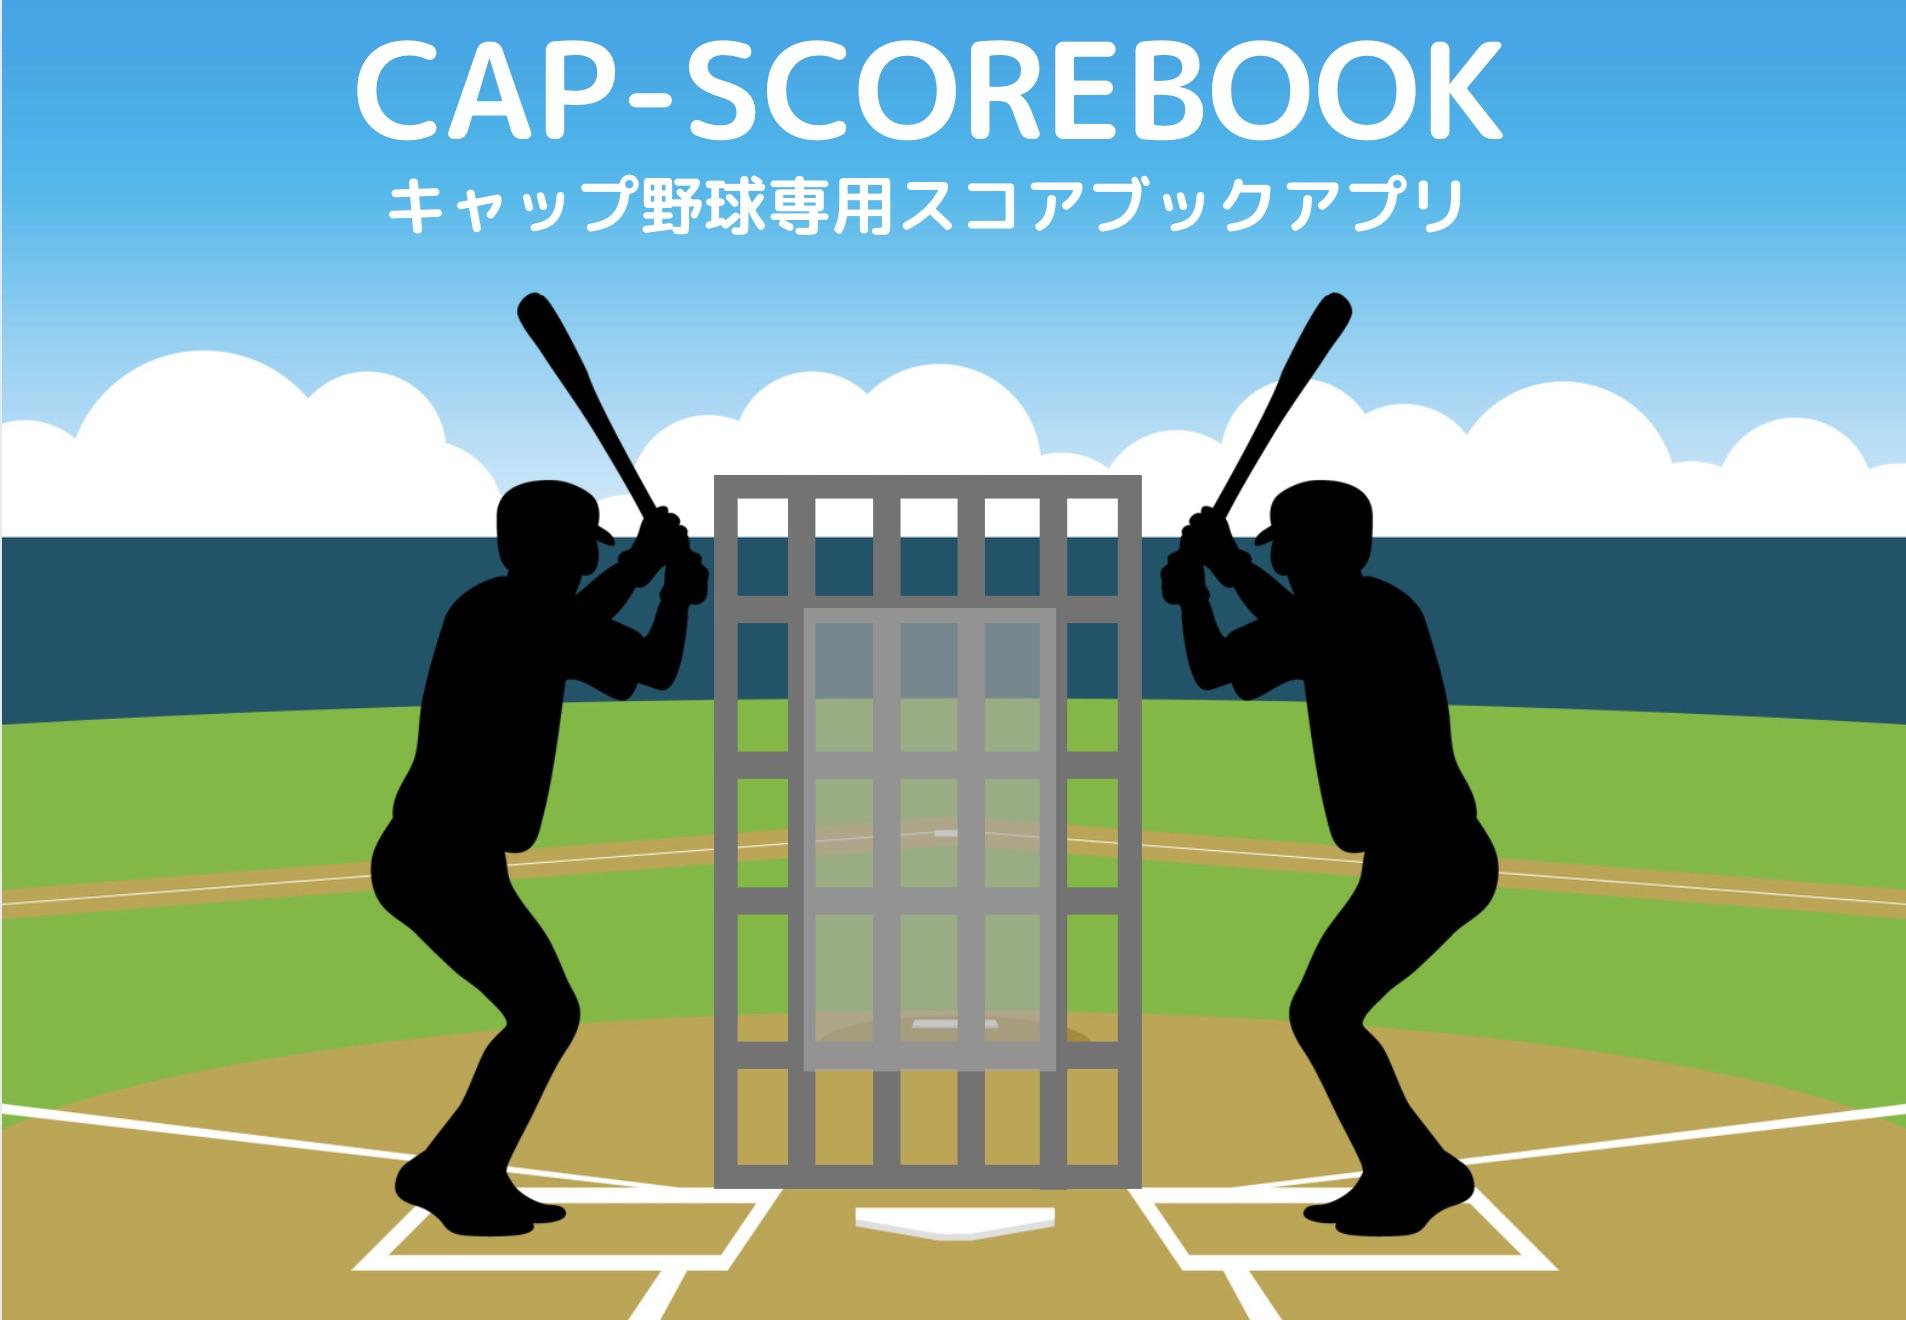 CAP-SCOREBOOK